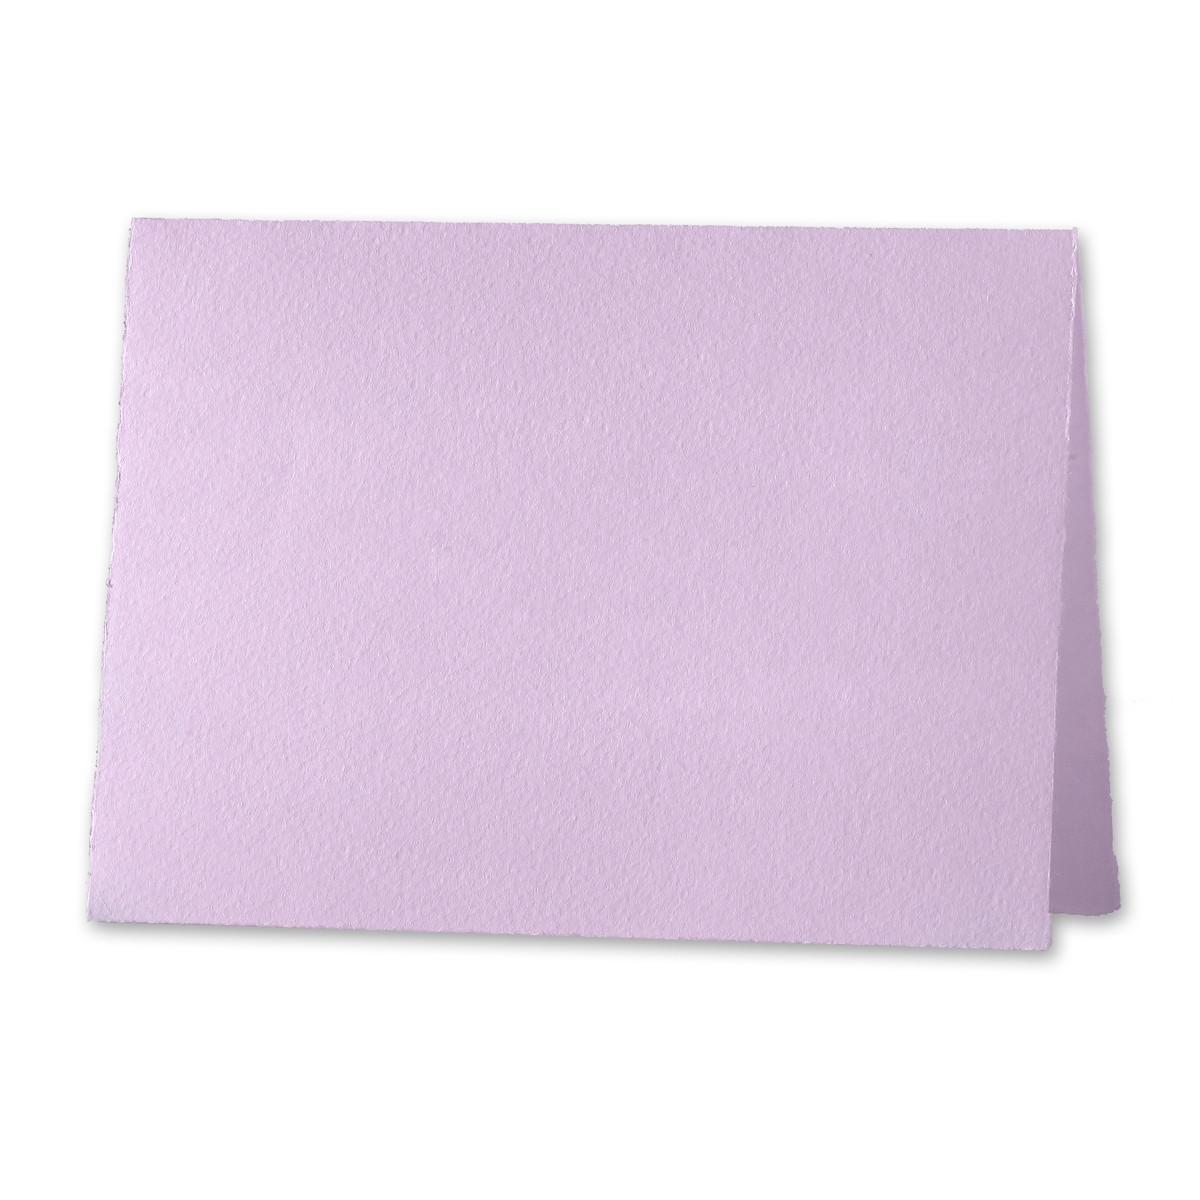 """Arturo Lavender Invitation Foldovers (600LC) 97# Cover (6.69"""" x 9.05"""" open size) Pack of 50"""